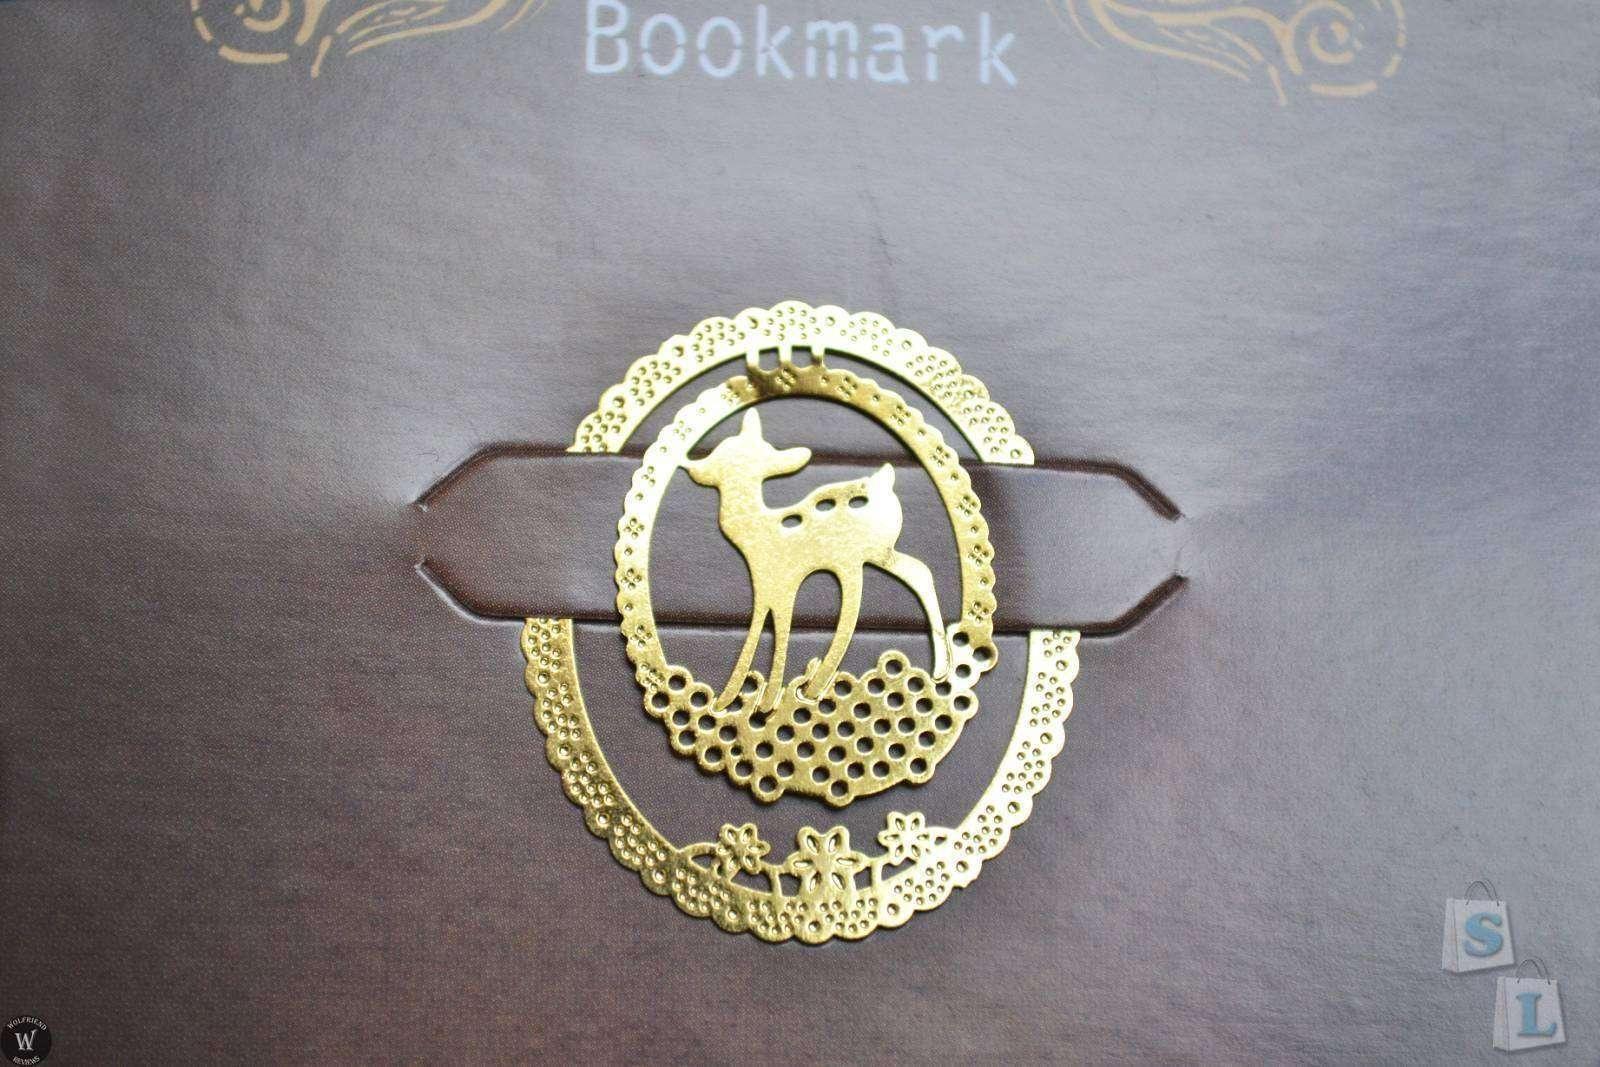 ChinaBuye: Сказочные маталлические закладки для книг...